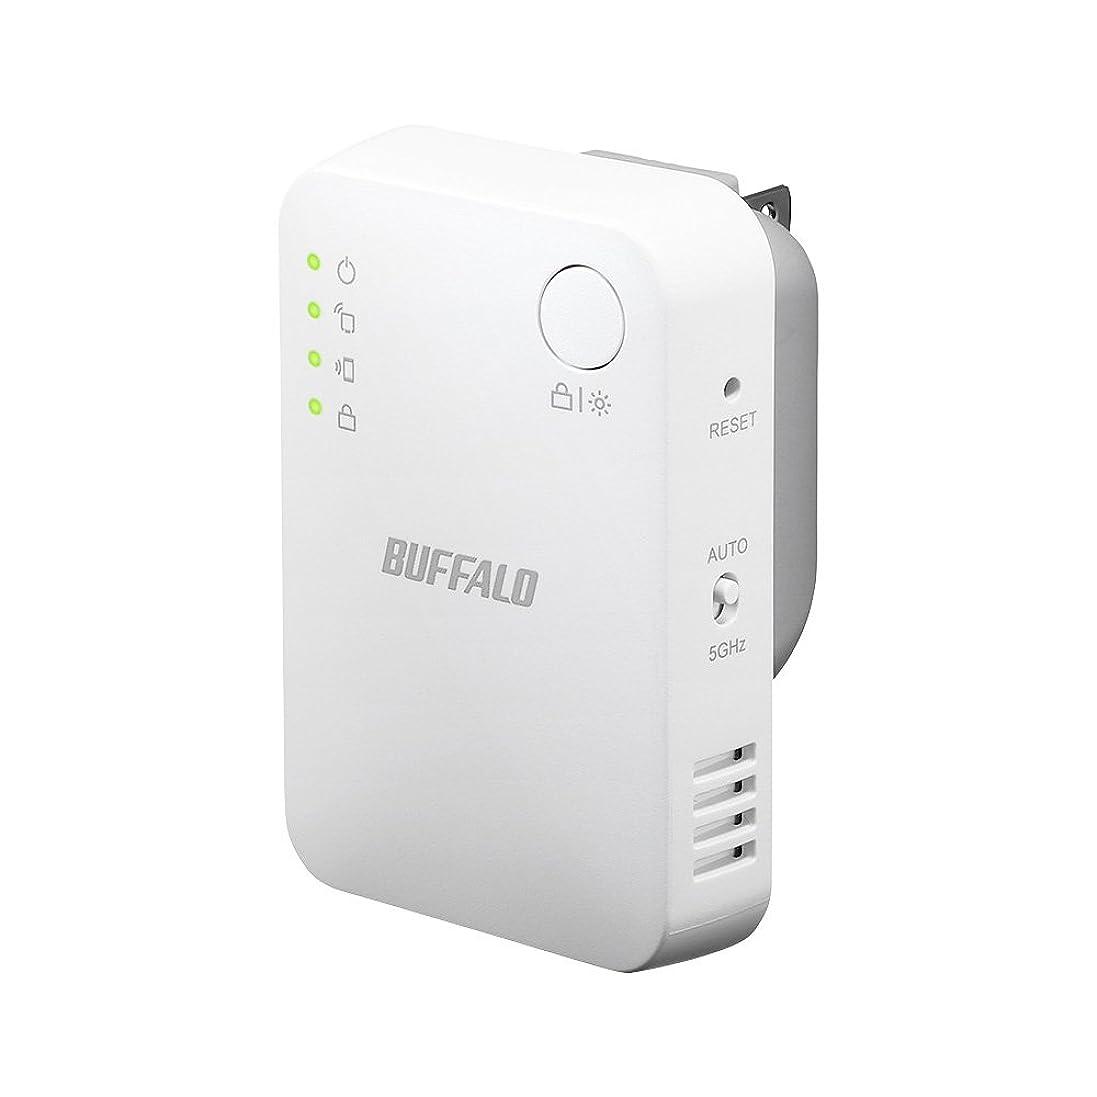 バーガー暗唱する株式BUFFALO WiFi 無線LAN中継機 WEX-1166DHPS 11ac/n/a/g/b 866+300Mbps ハイパワー コンパクトモデル 【iPhoneX/iPhoneXSシリーズ メーカー動作確認済み】